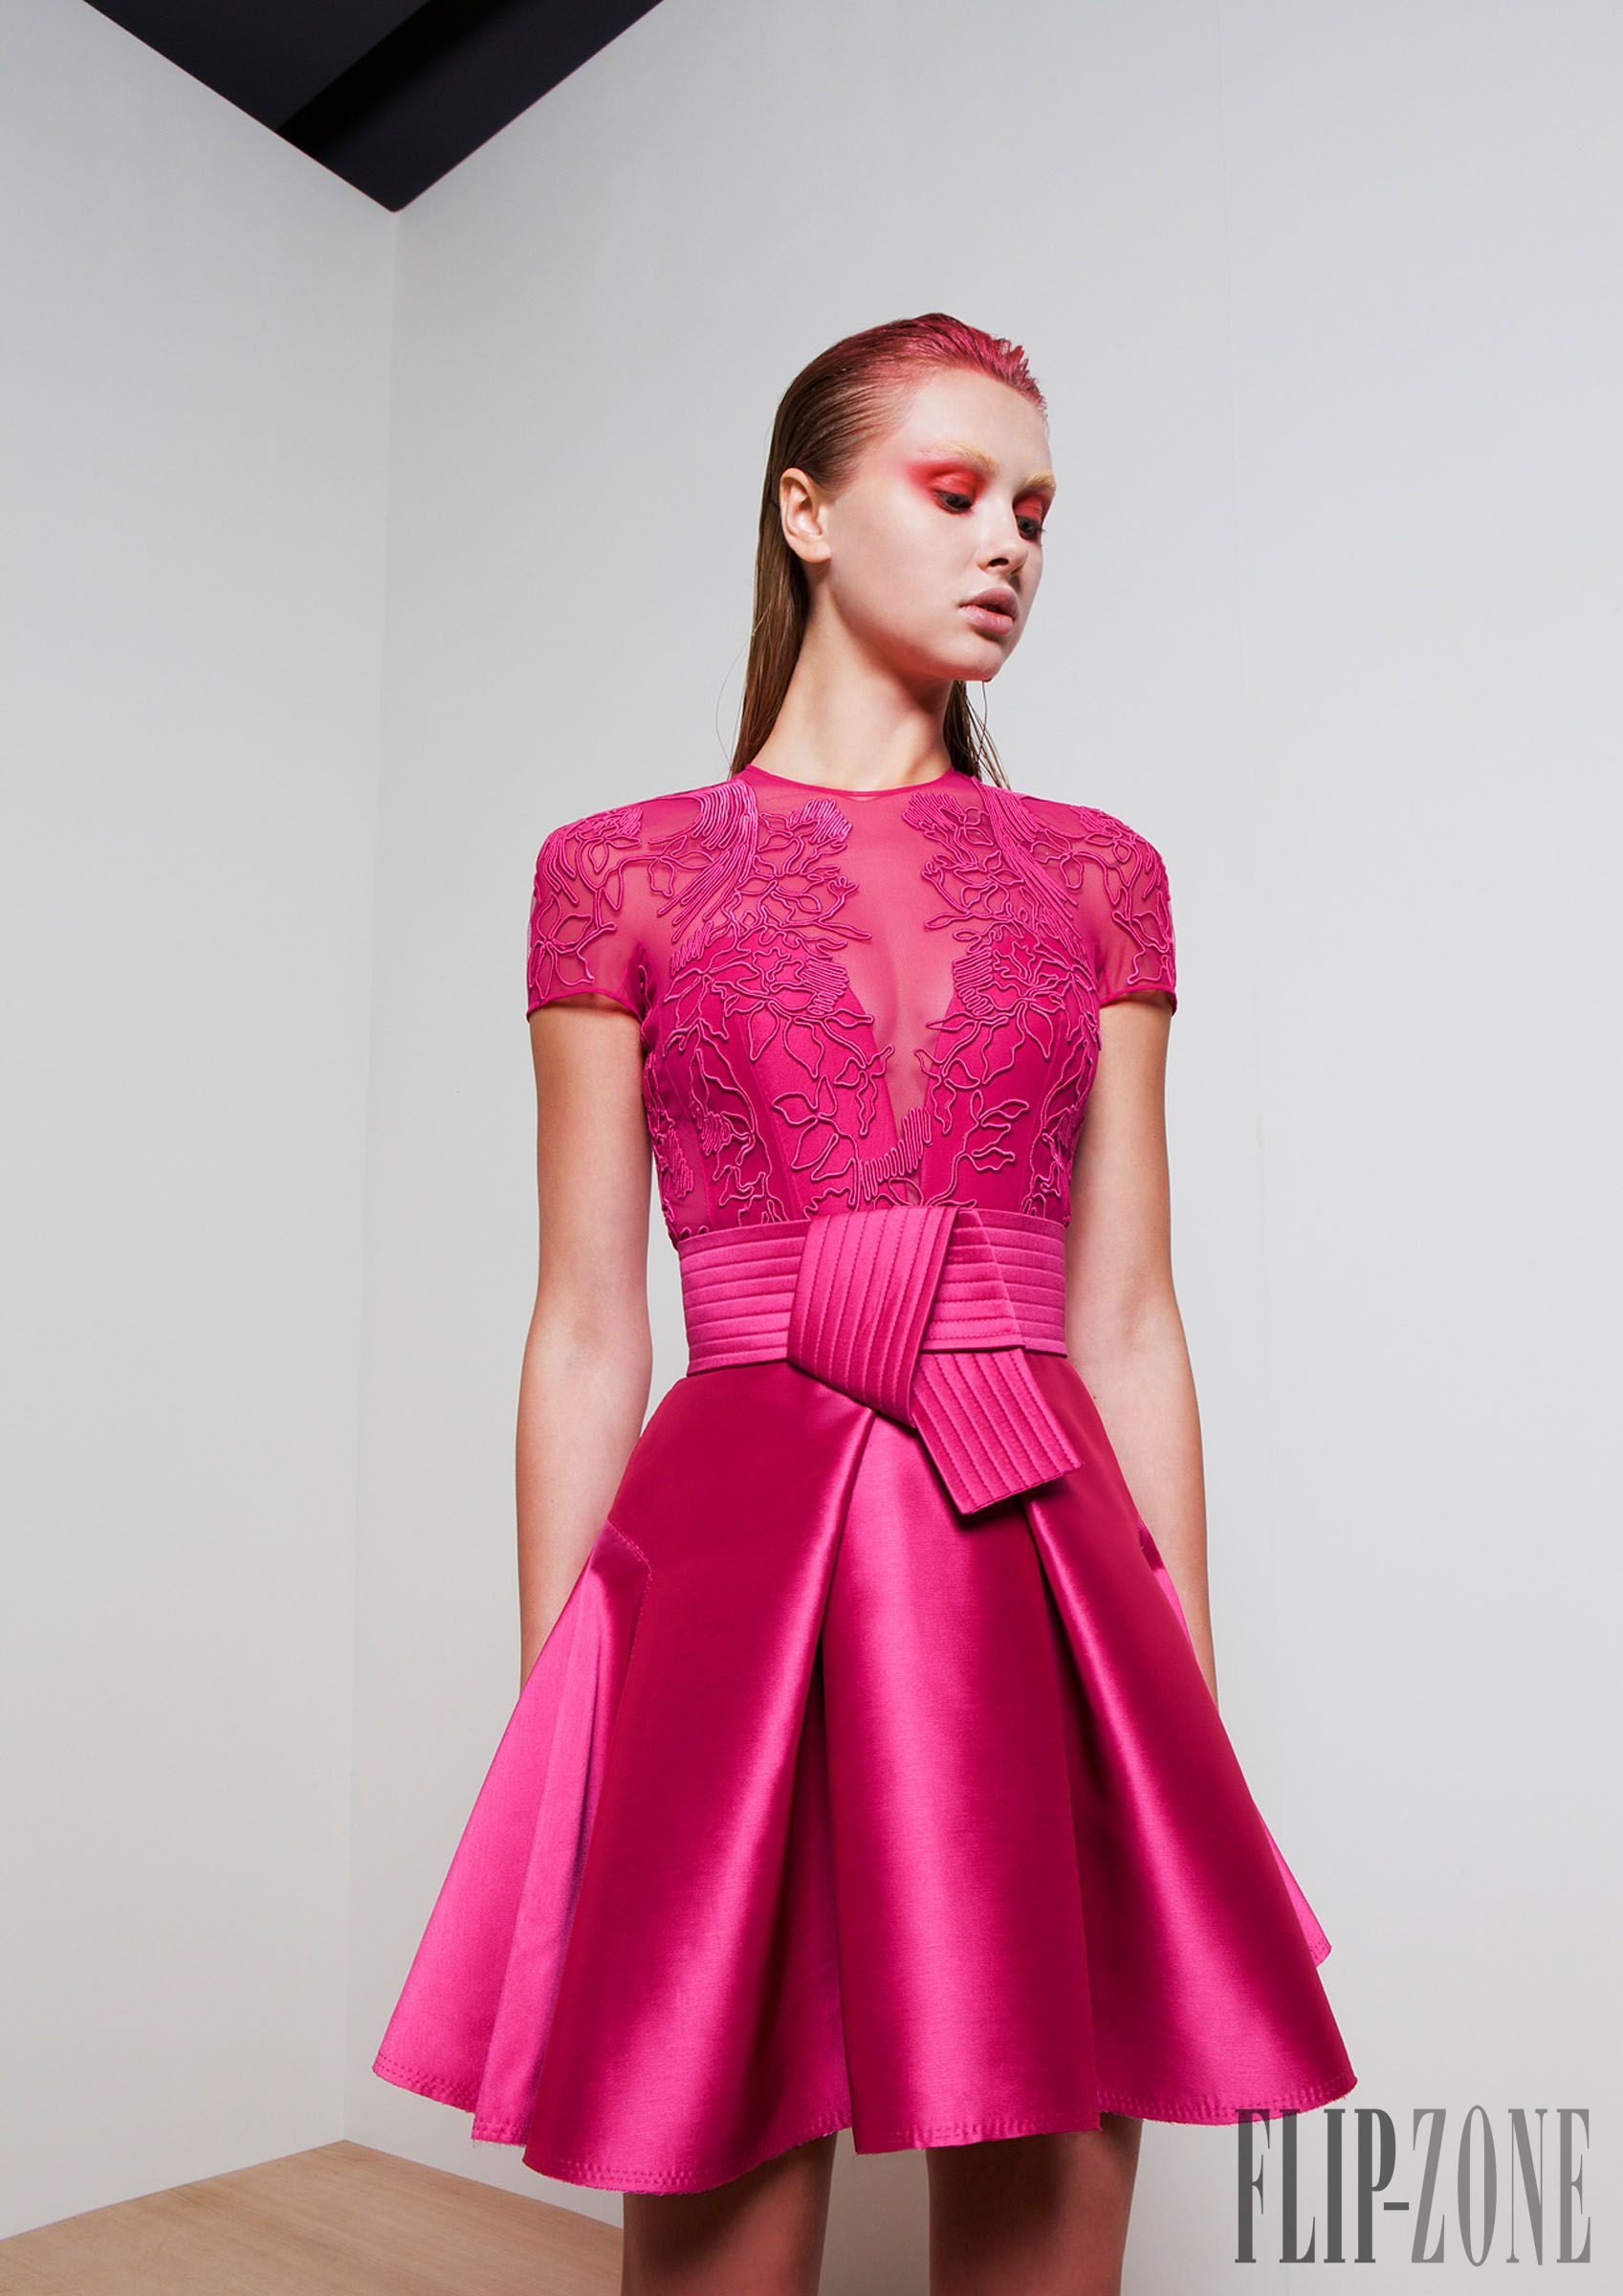 Pin de Beatriz Valdueza Barbero en vestidos cortos | Pinterest ...